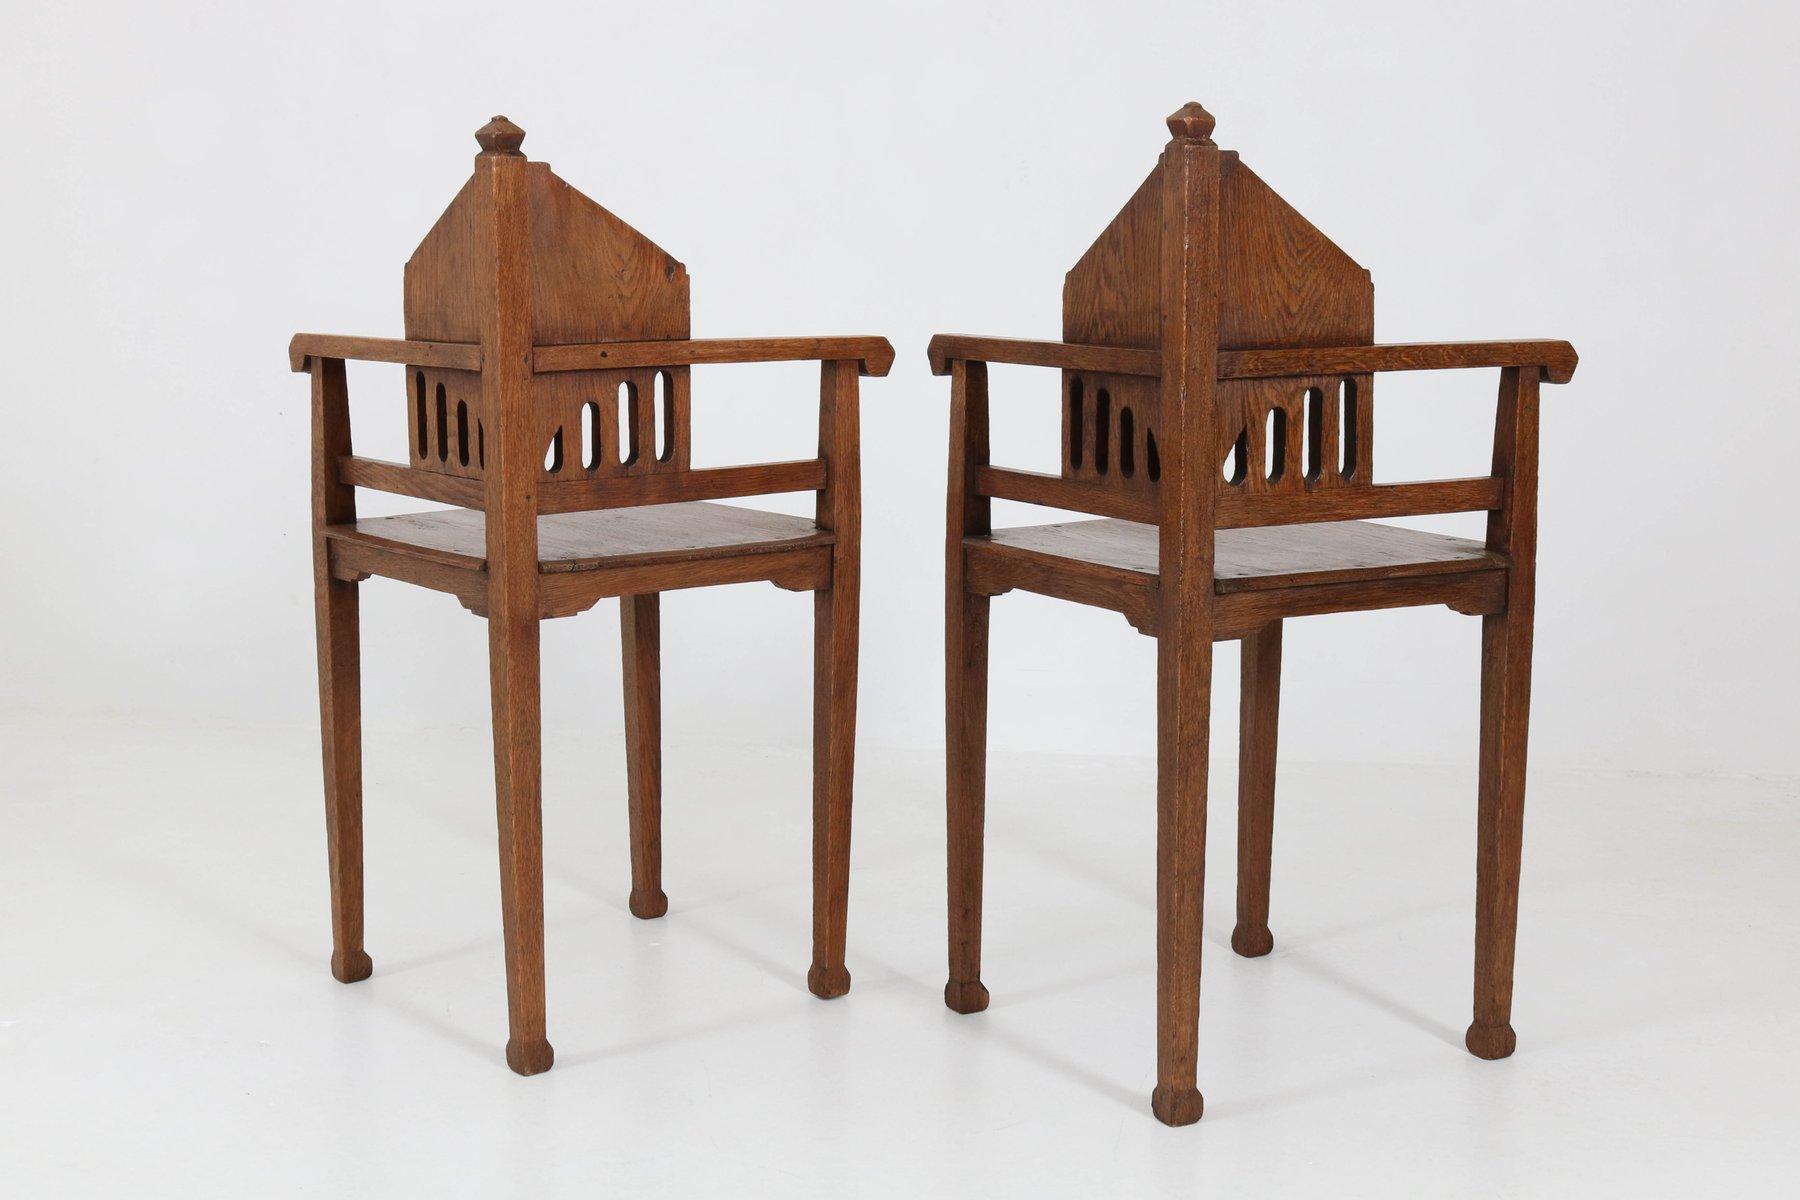 niederl ndische arts crafts eckst hle aus eichenholz 1900er bei pamono kaufen. Black Bedroom Furniture Sets. Home Design Ideas